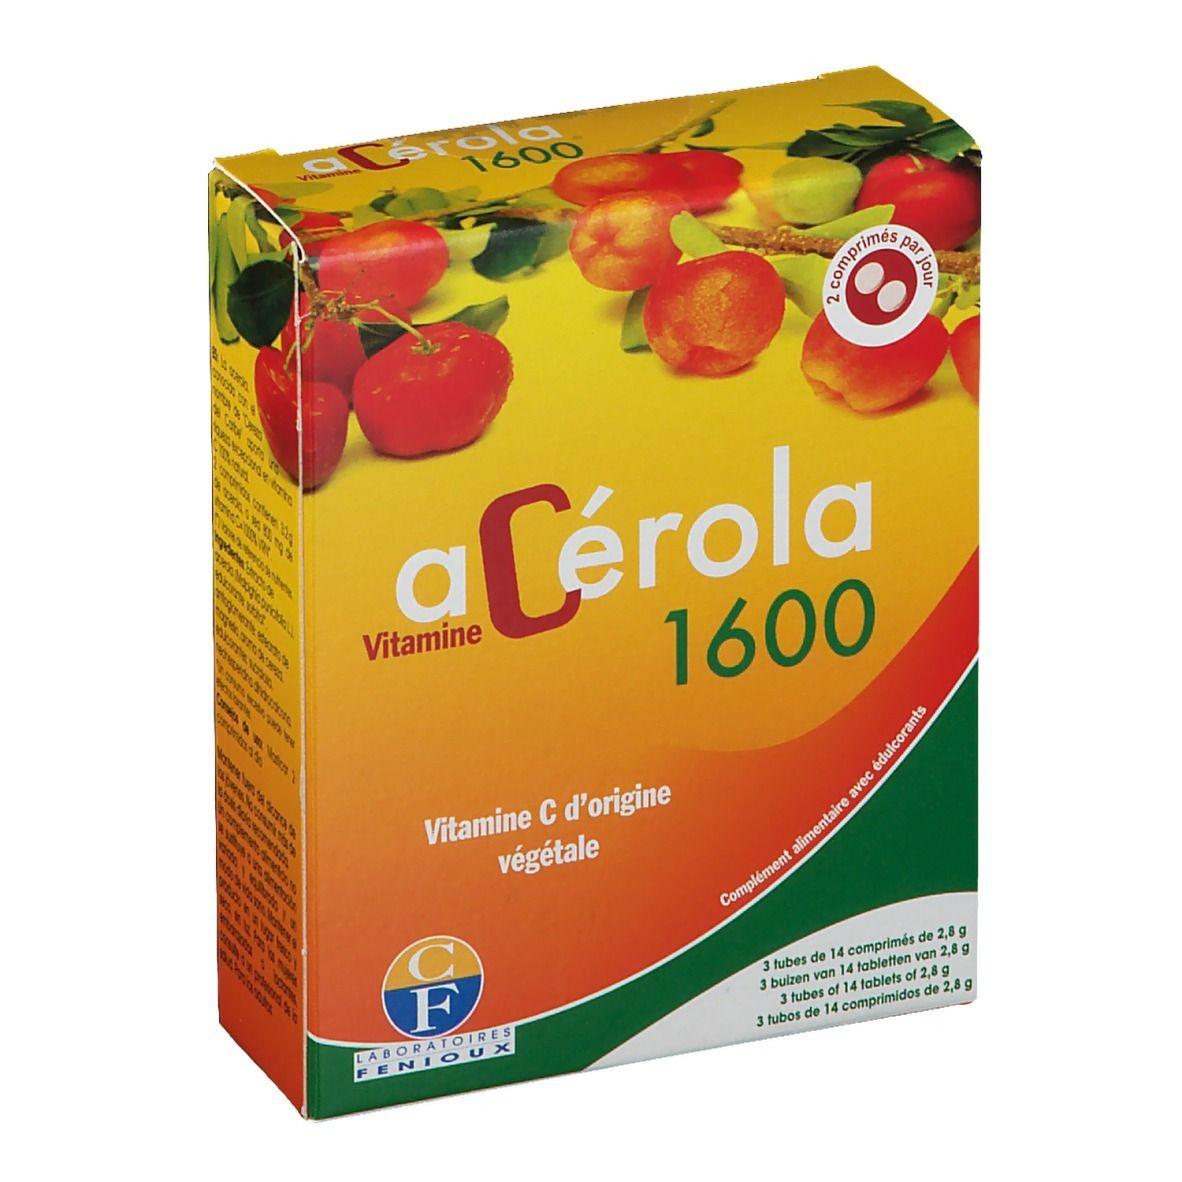 acérola 1600 Vitamine C d'origine végétale pc(s) comprimé(s)